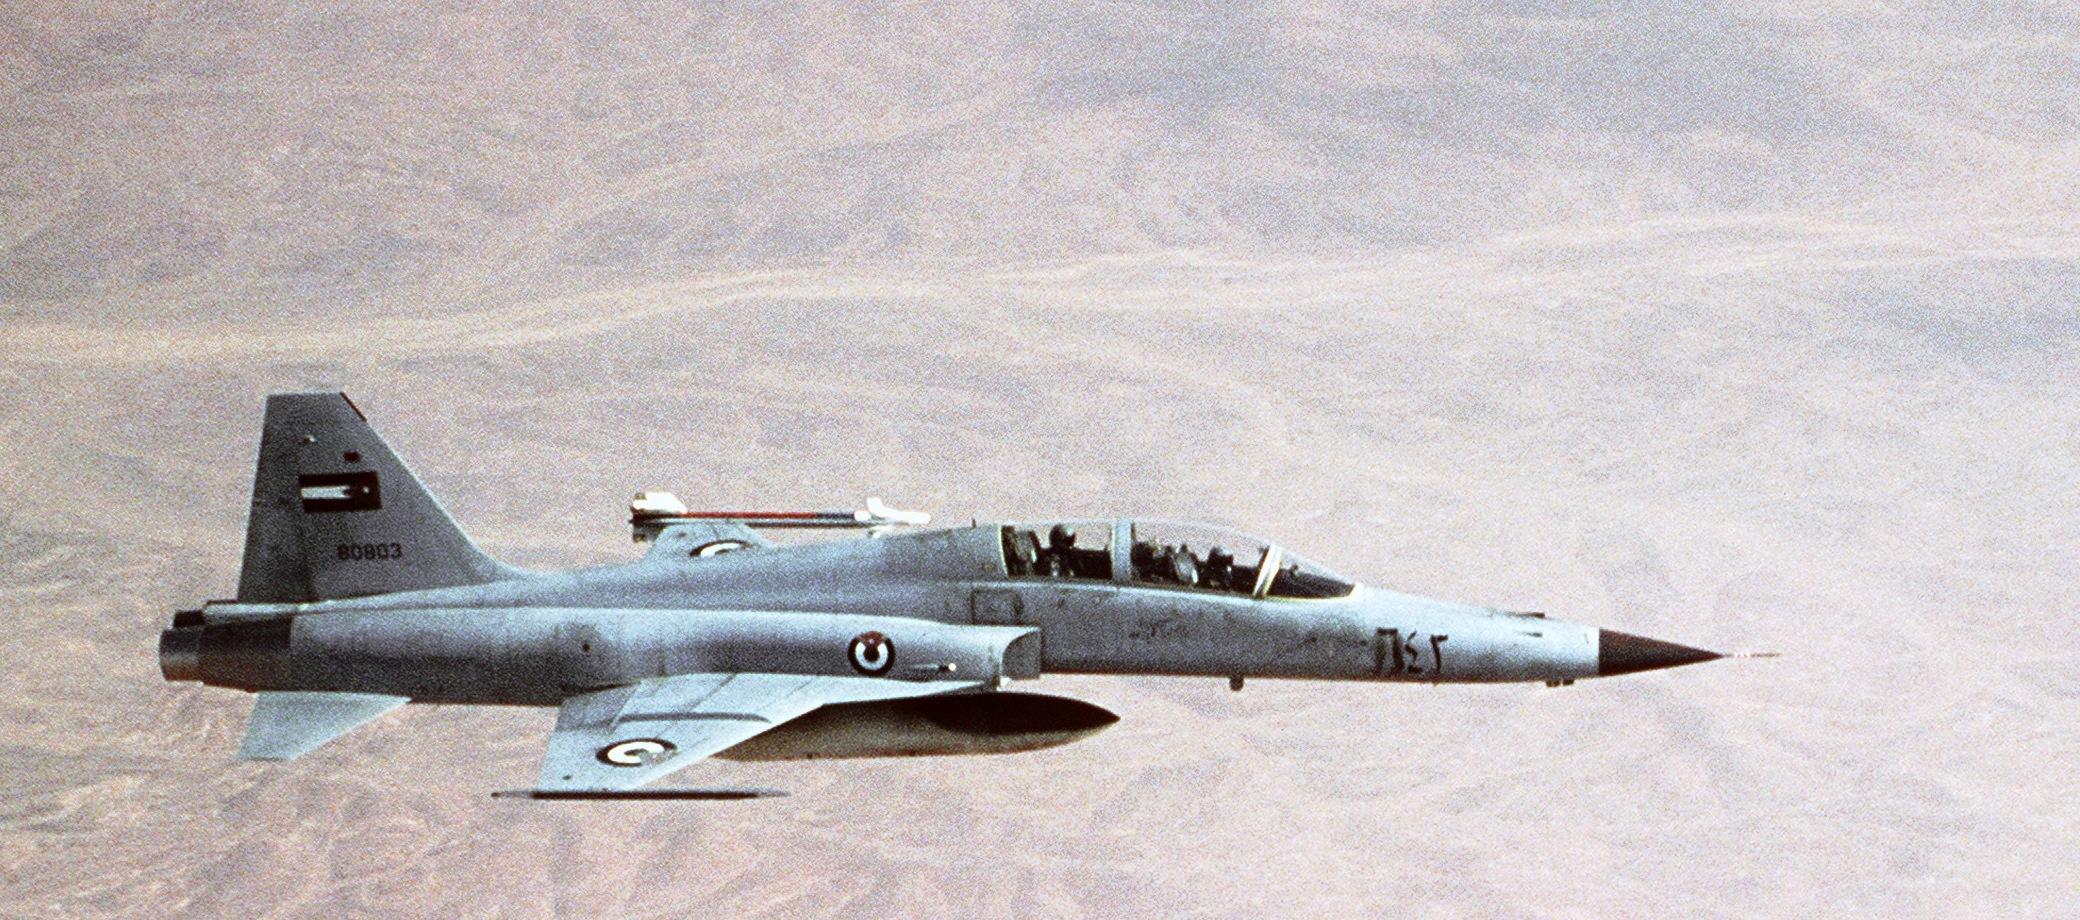 Jordanian_F-5_Tiger_II_aircraft_1987